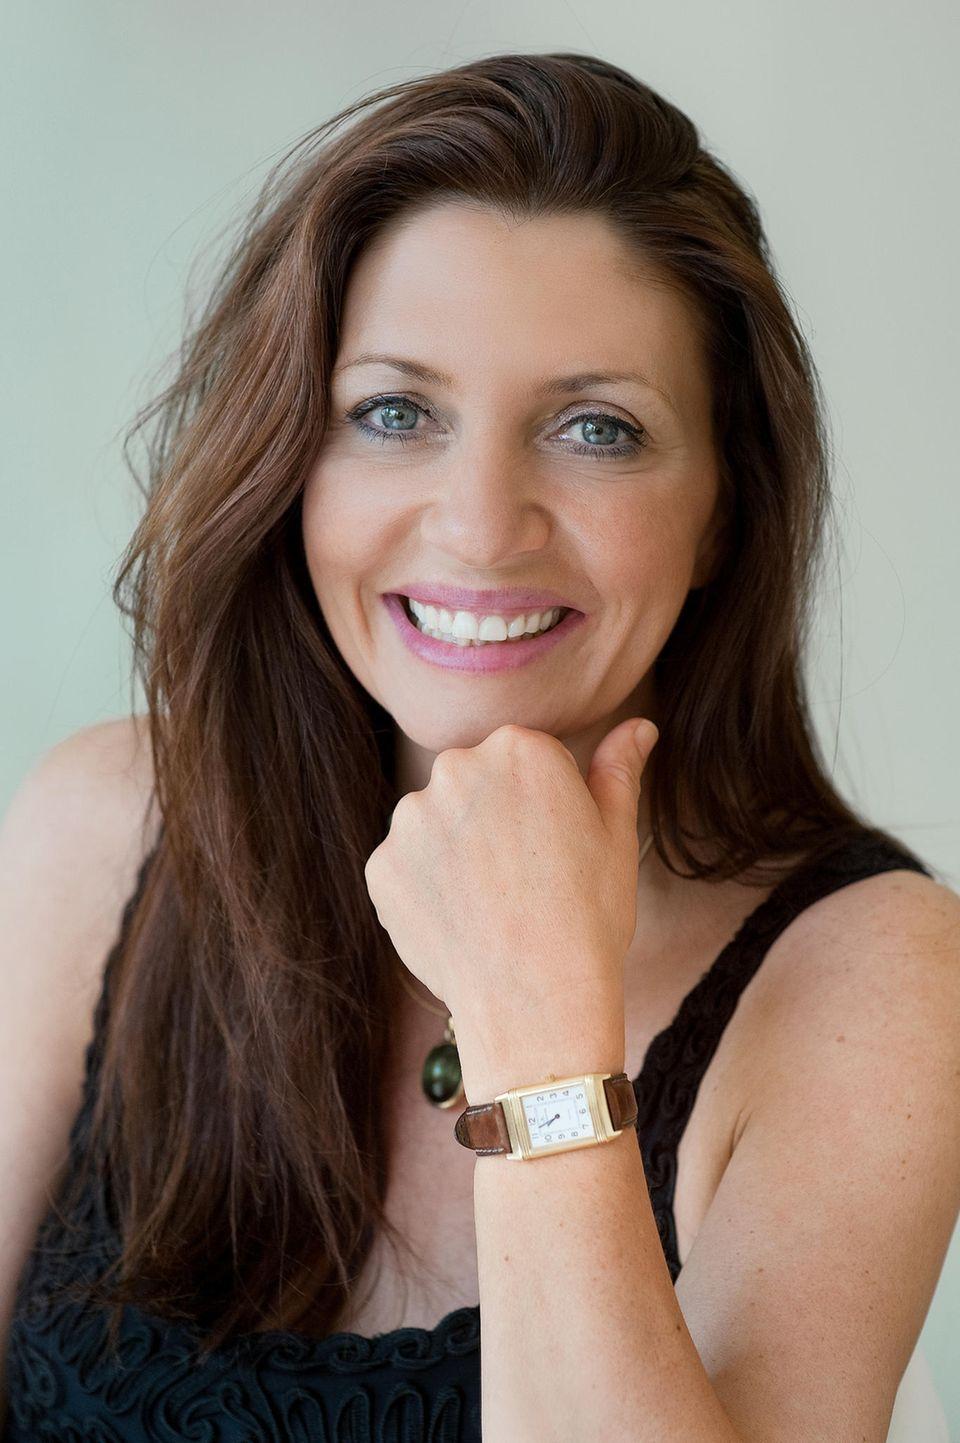 Astrid Scheuermann